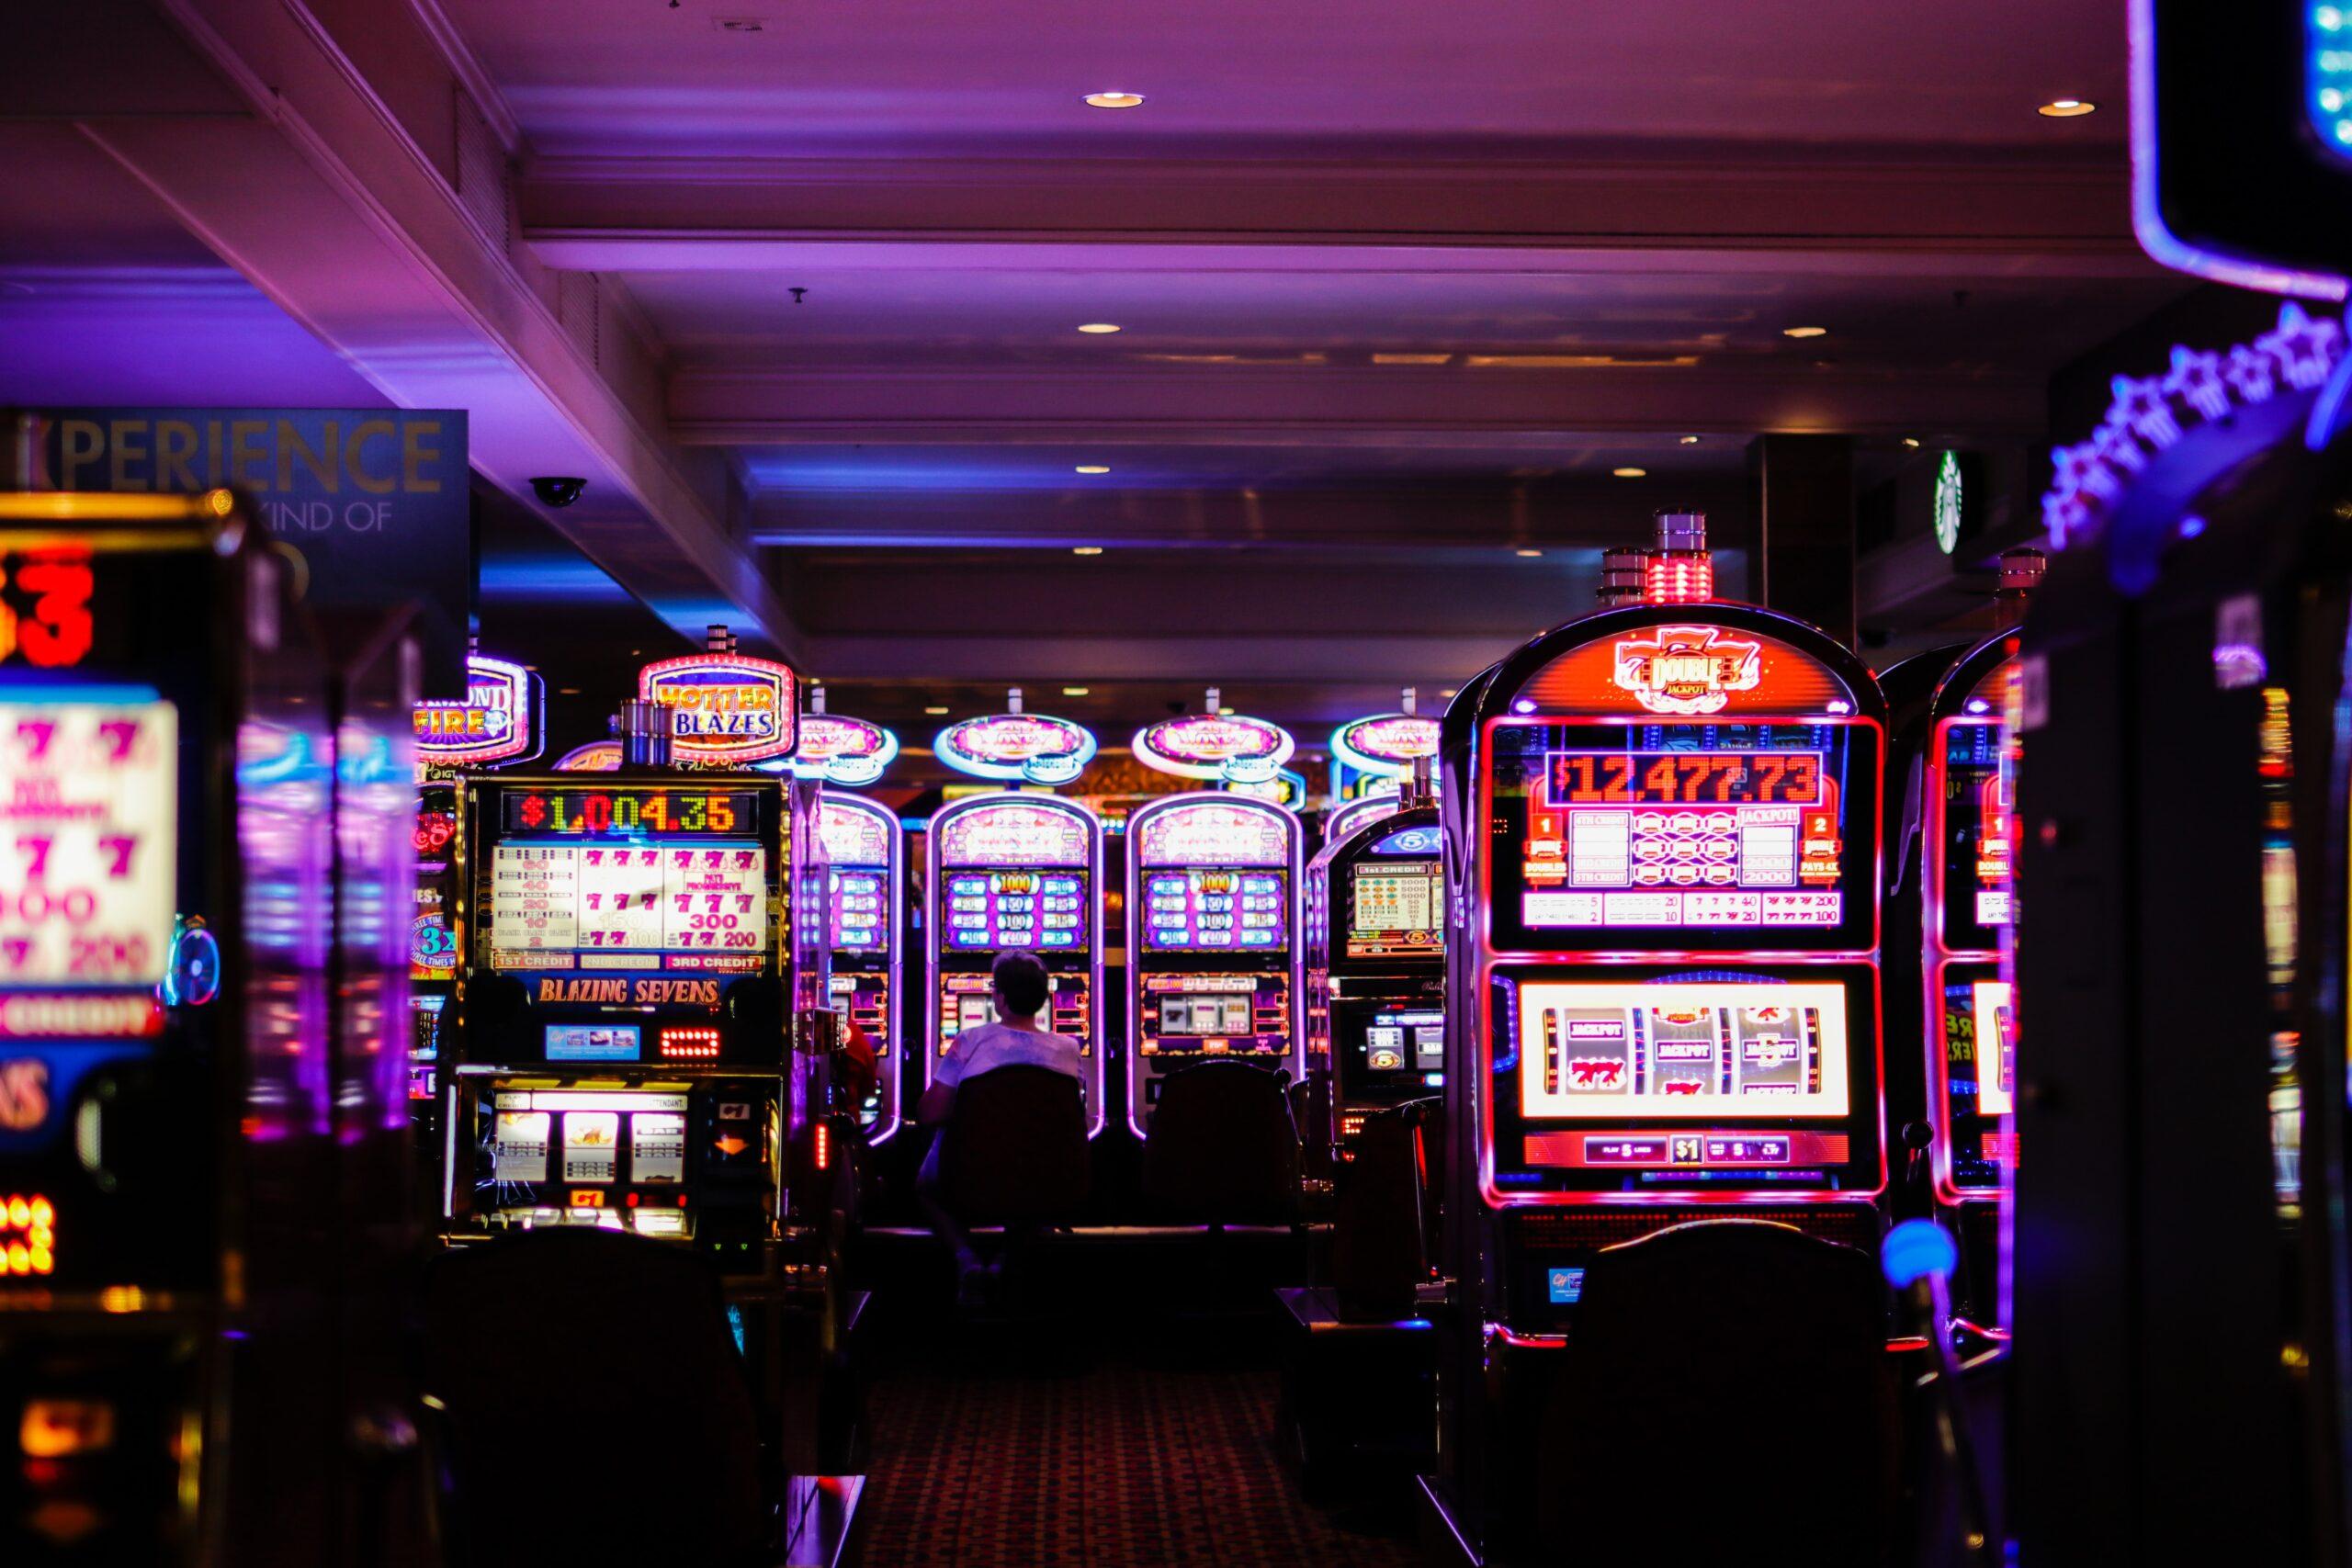 Gioco d'azzardo: cosa prevede la normativa italiana